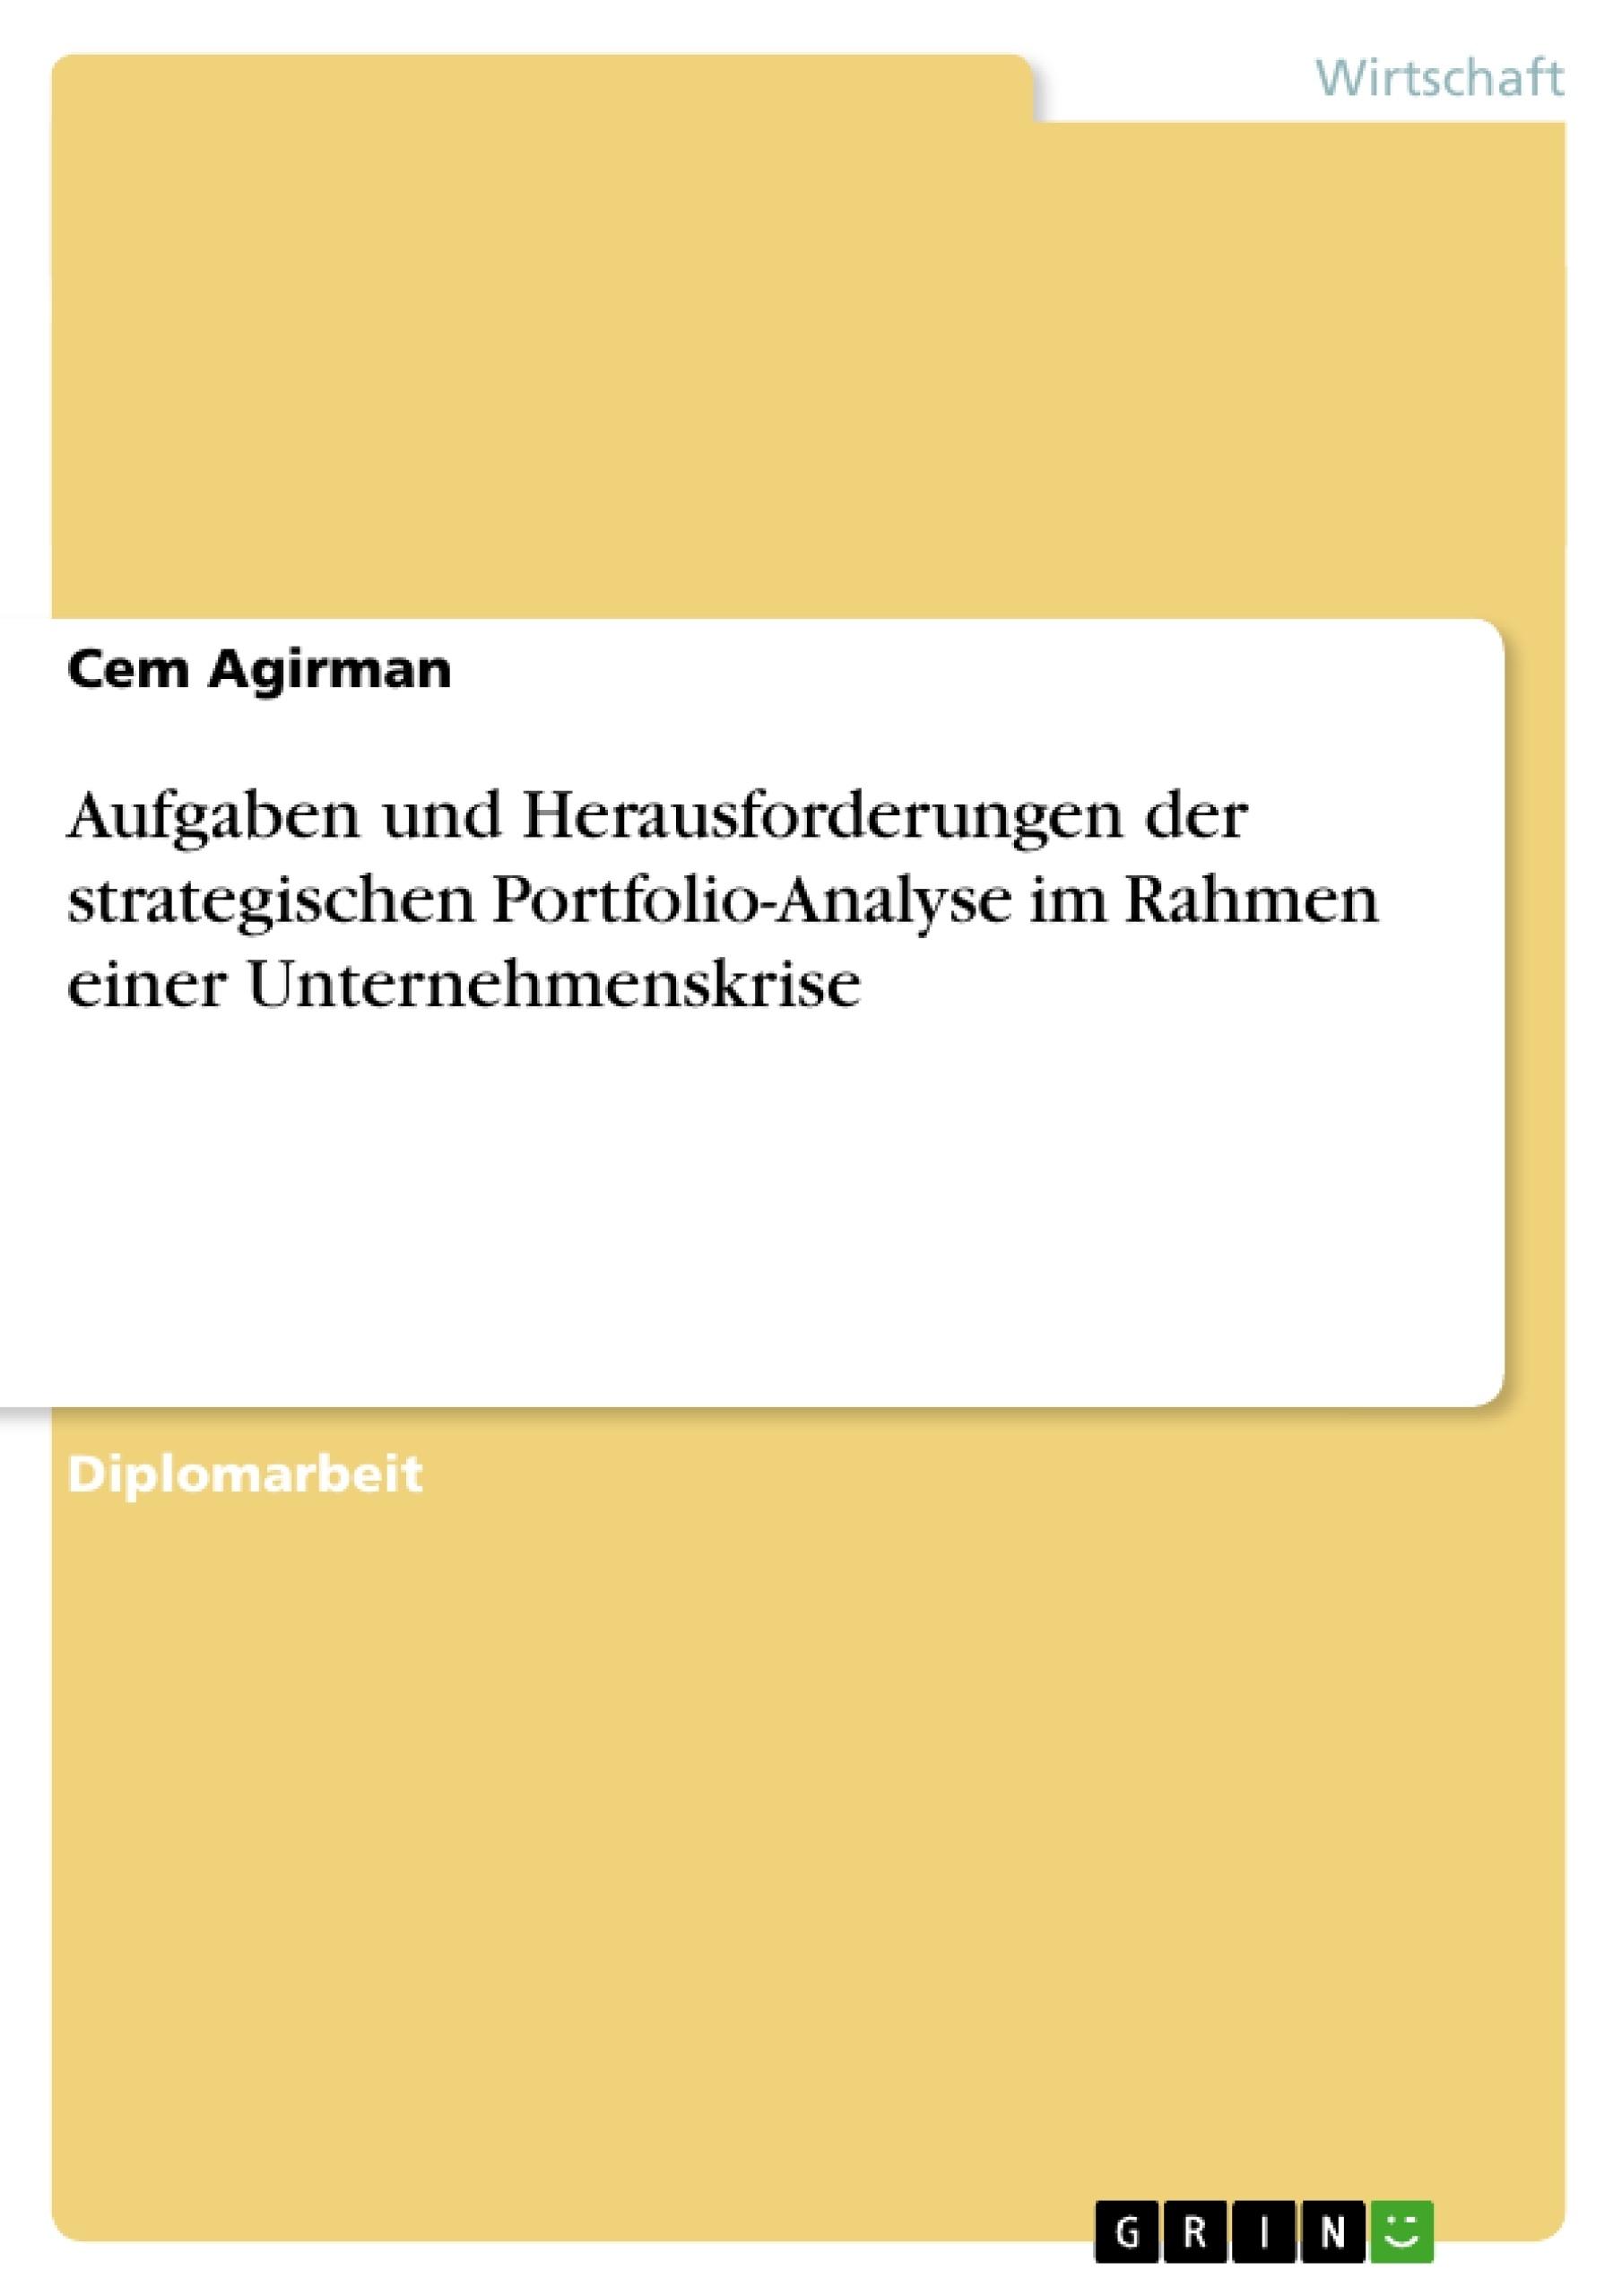 Titel: Aufgaben und Herausforderungen der strategischen Portfolio-Analyse im Rahmen einer Unternehmenskrise